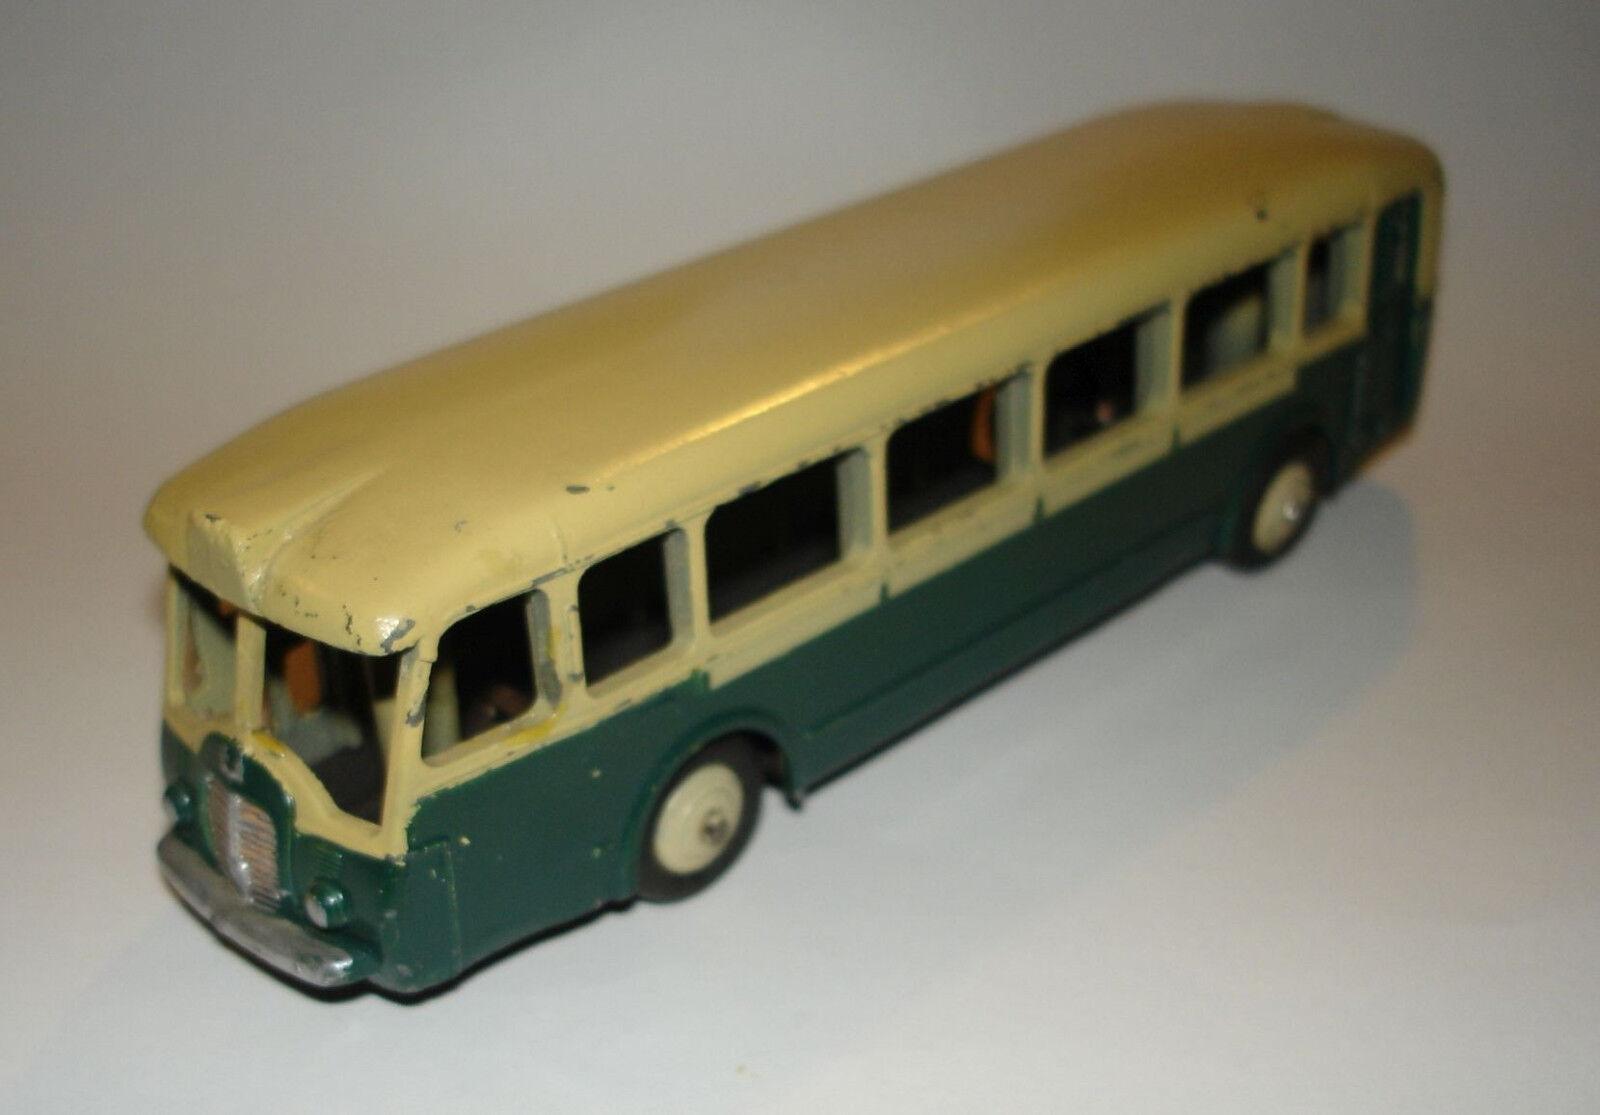 Dinky Toys autobús parisien Somua Panhard no no no 570 29d original-parís Bus 965c75